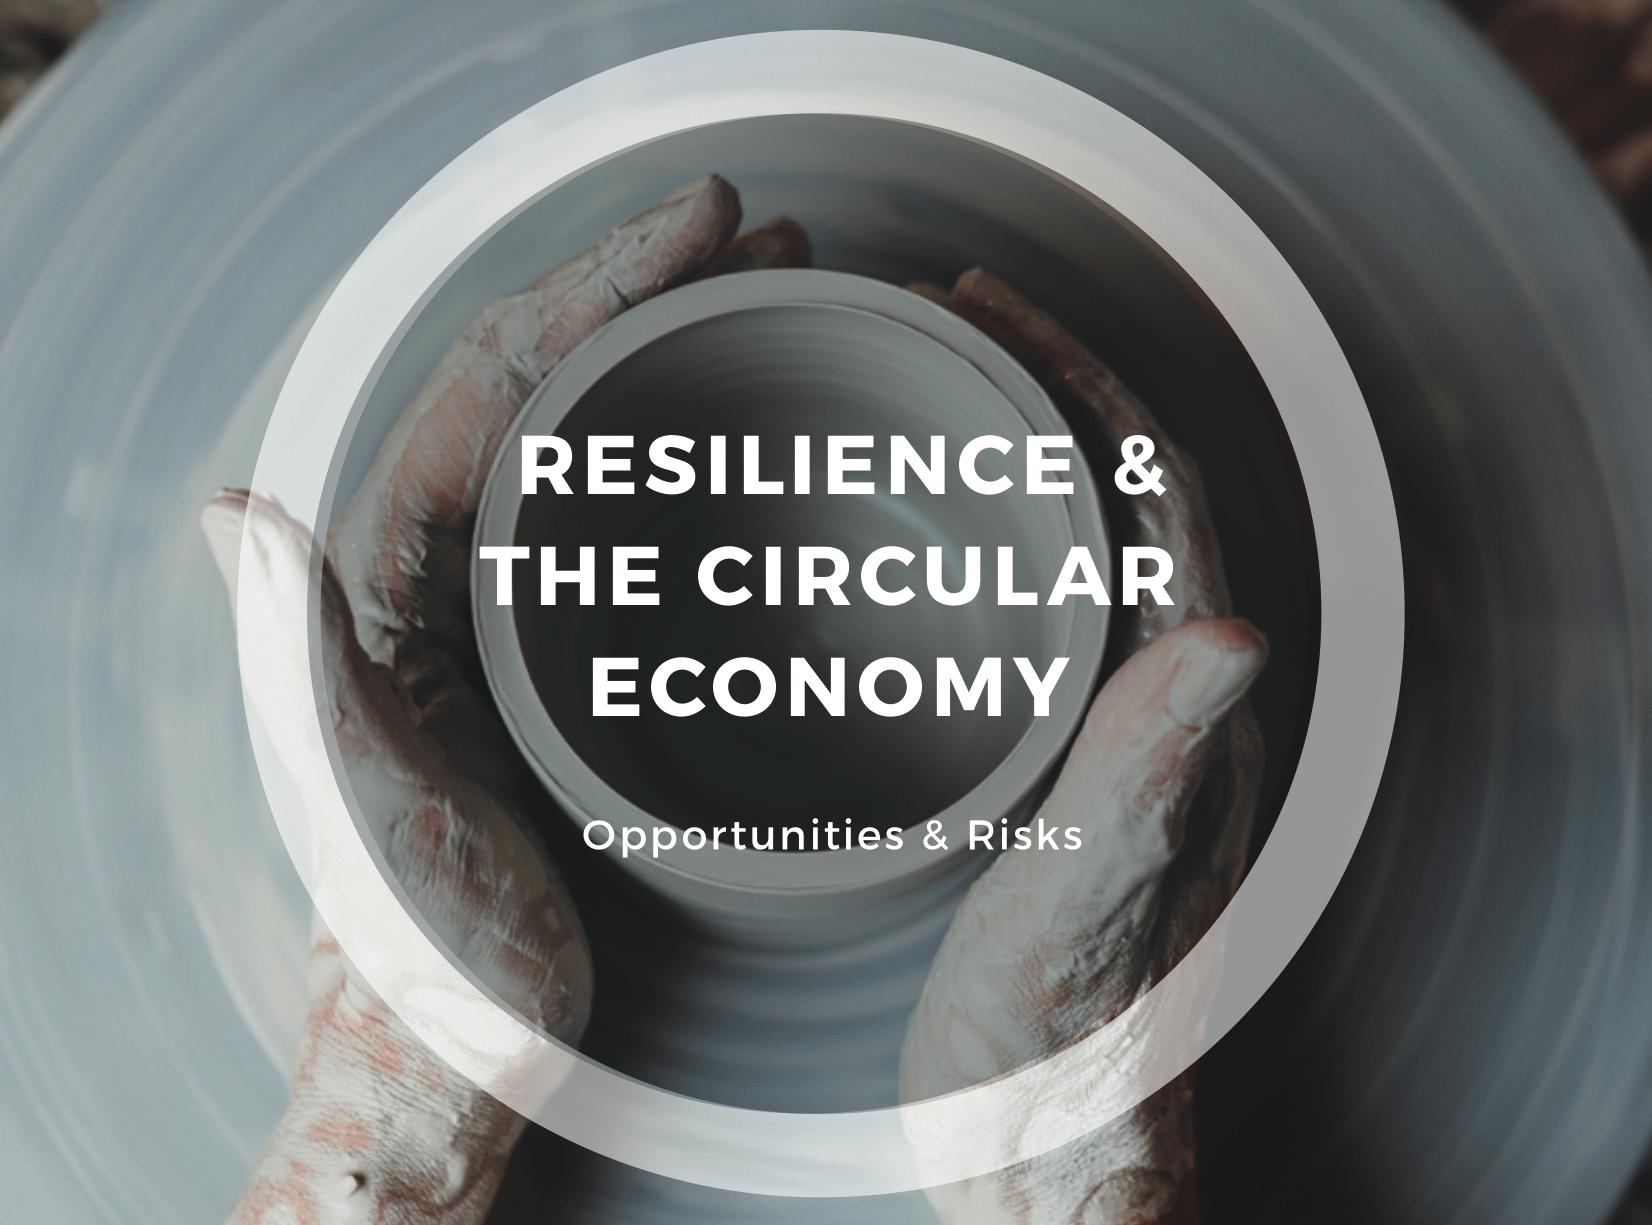 Économie circulaire et résilience – Circle Economy fait le bilan